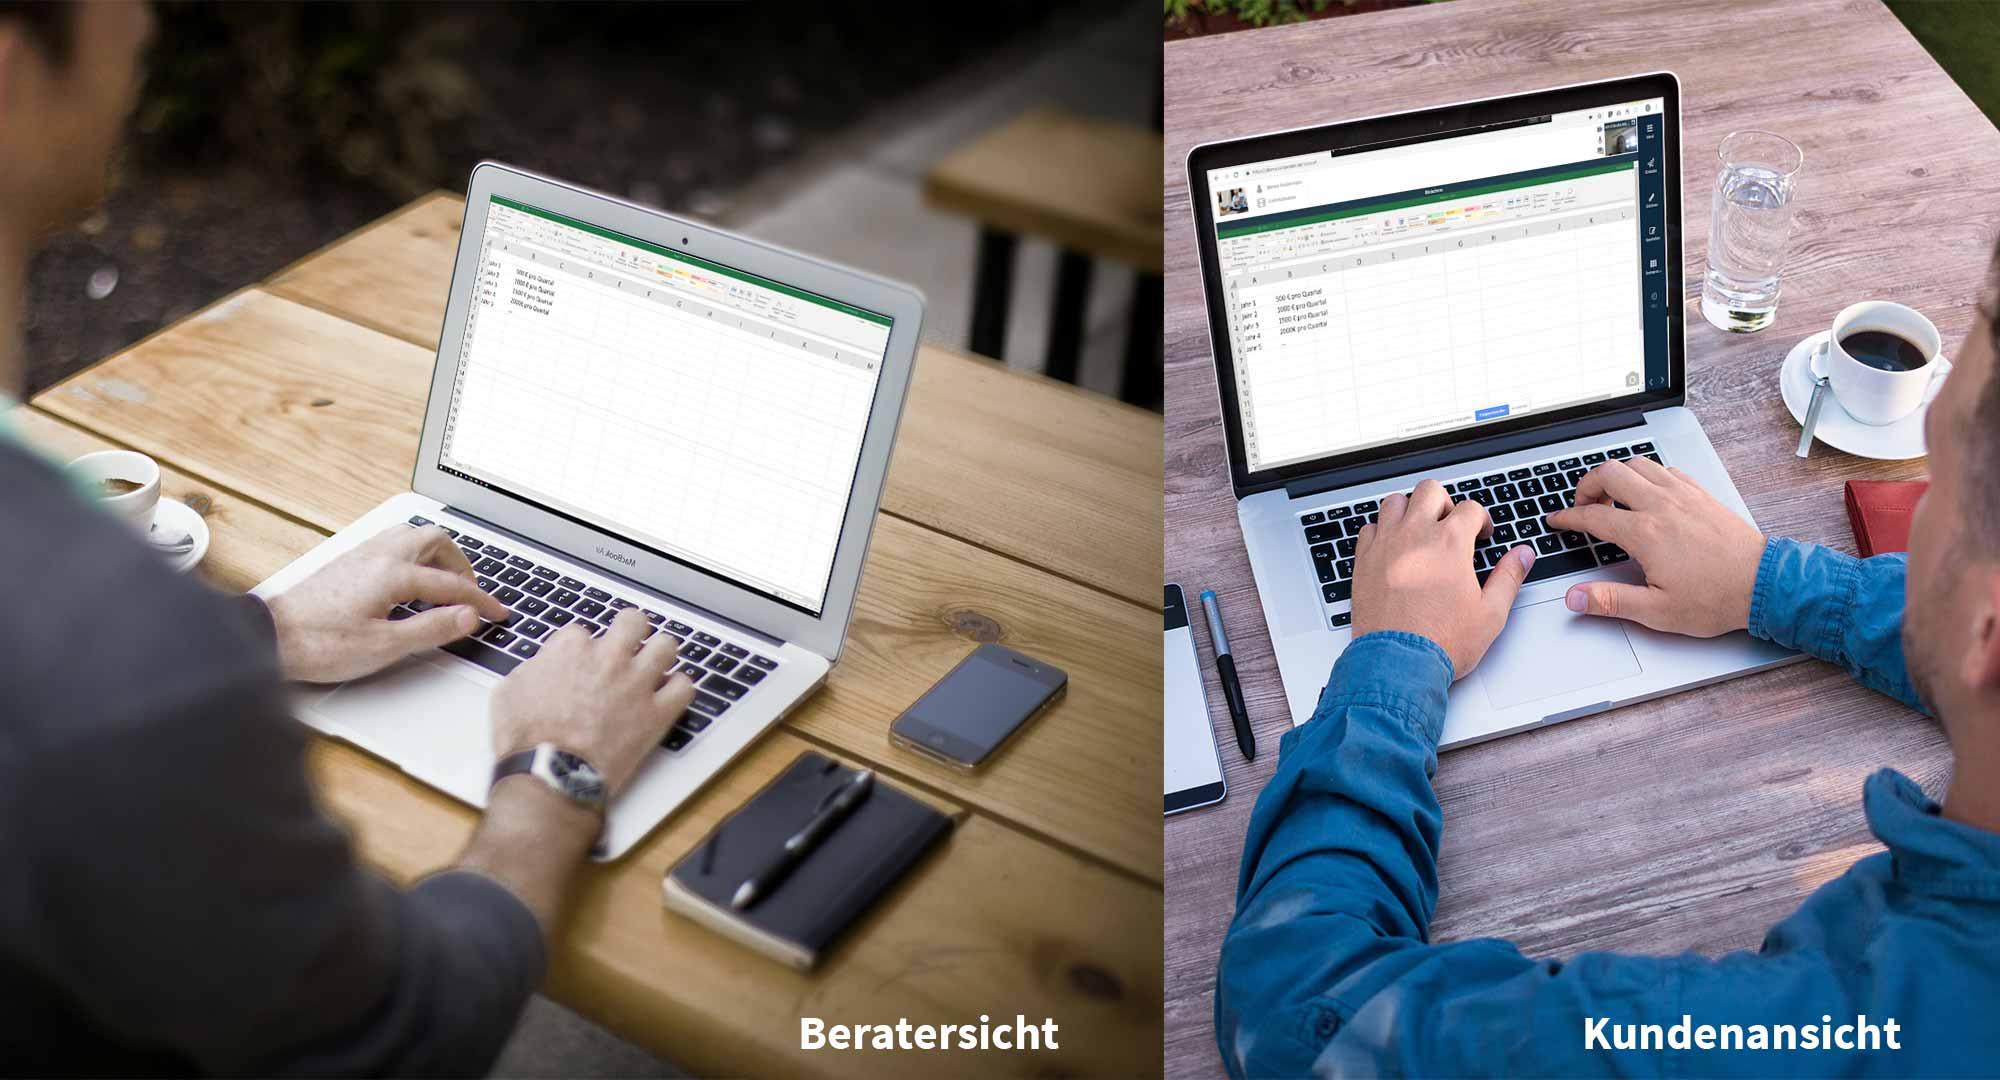 Ein Versicherungsmakler und sein Kunde sitzen an verschiedenen Orten vor Ihren Laptops. Der Kunde sieht während der Online-Beratung mit Bridge den Bildschirm seines Beraters.